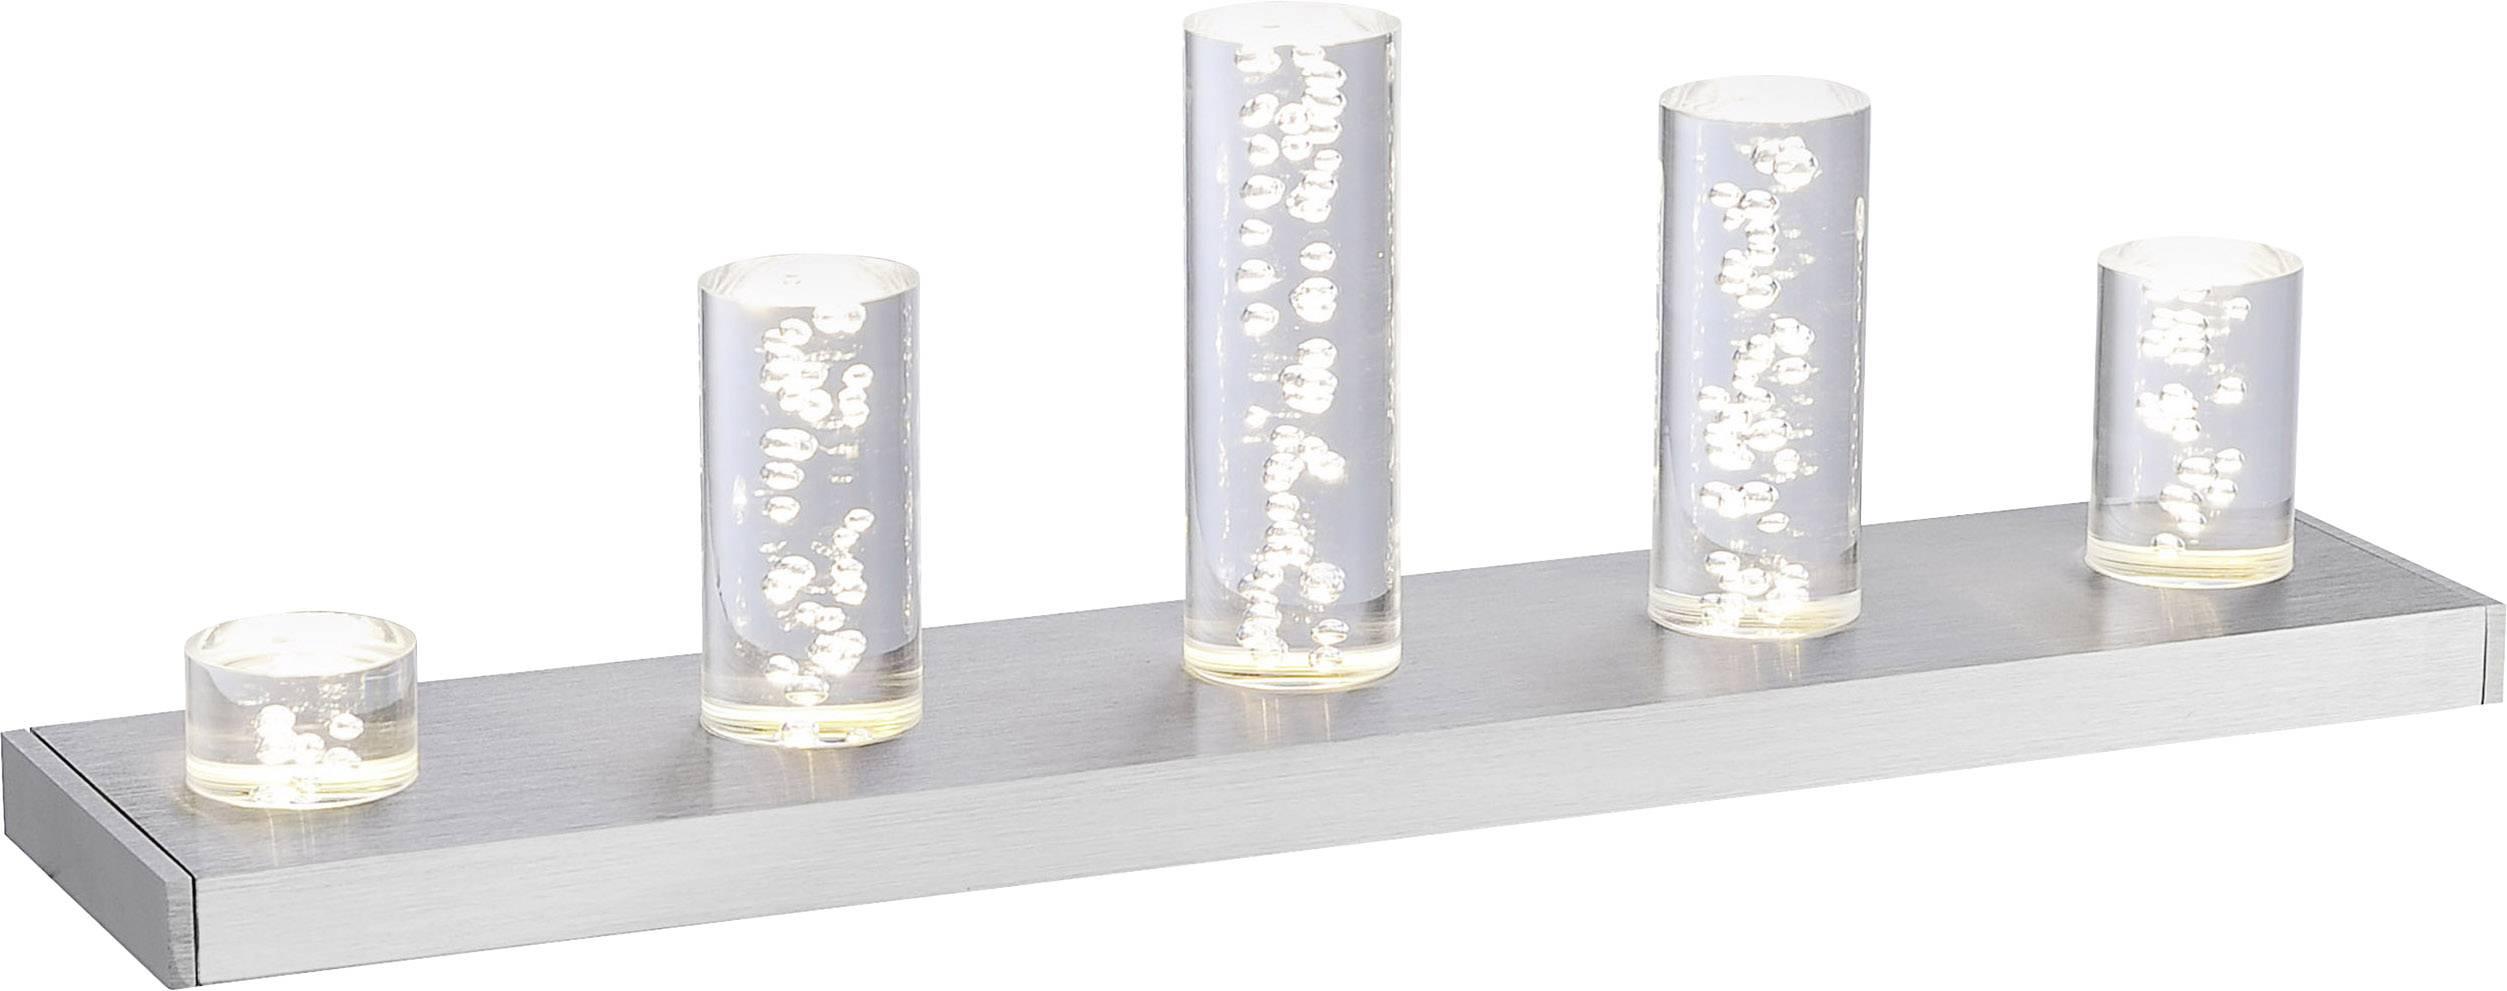 Dekorační LED stolní lampa Paul Neuhaus Q®;Q®-Skyline, pevně vestavěné LED, 2.5 W, RGBW